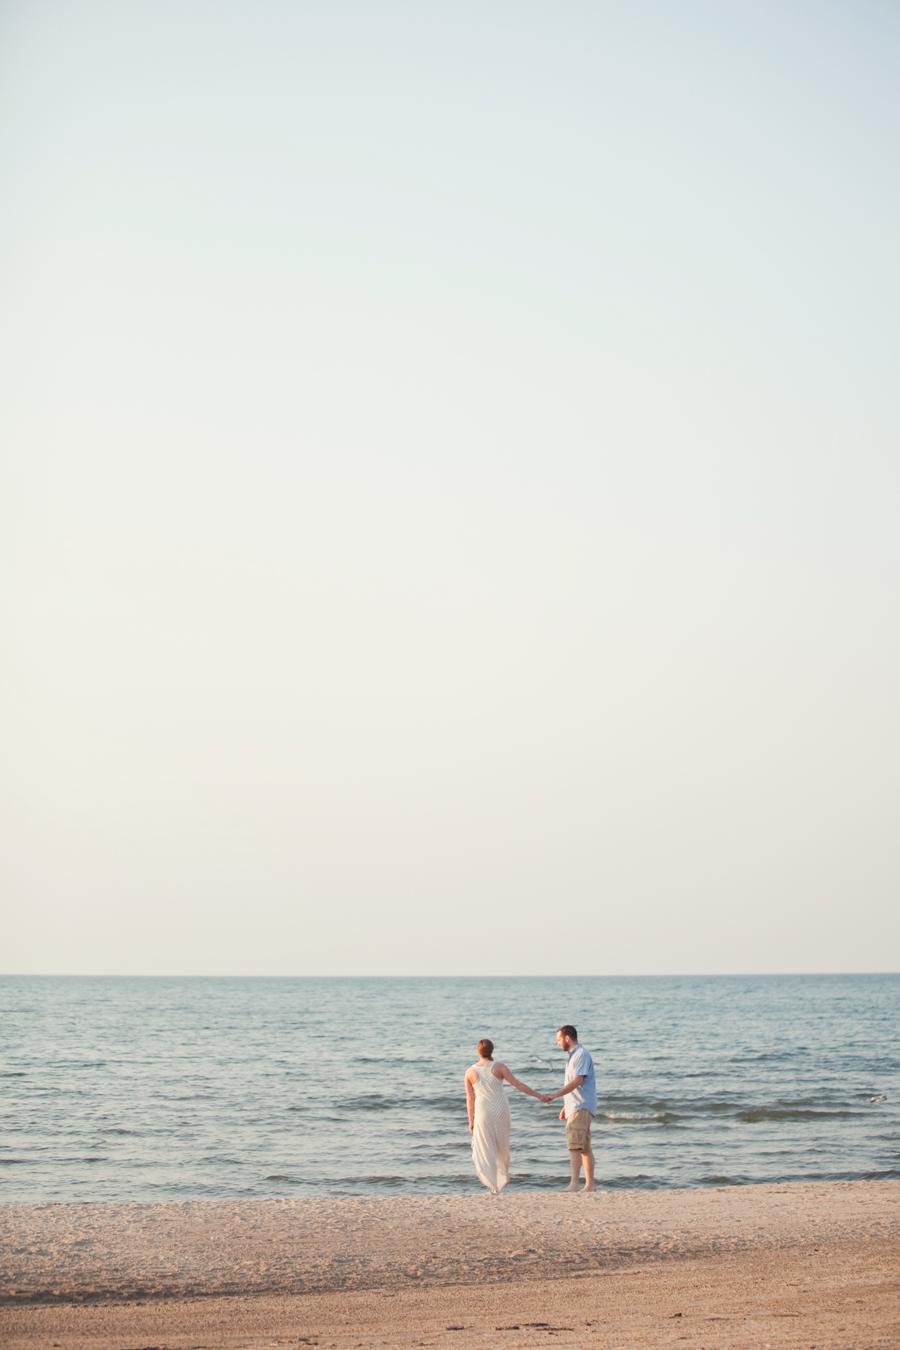 marquette-beach-0005